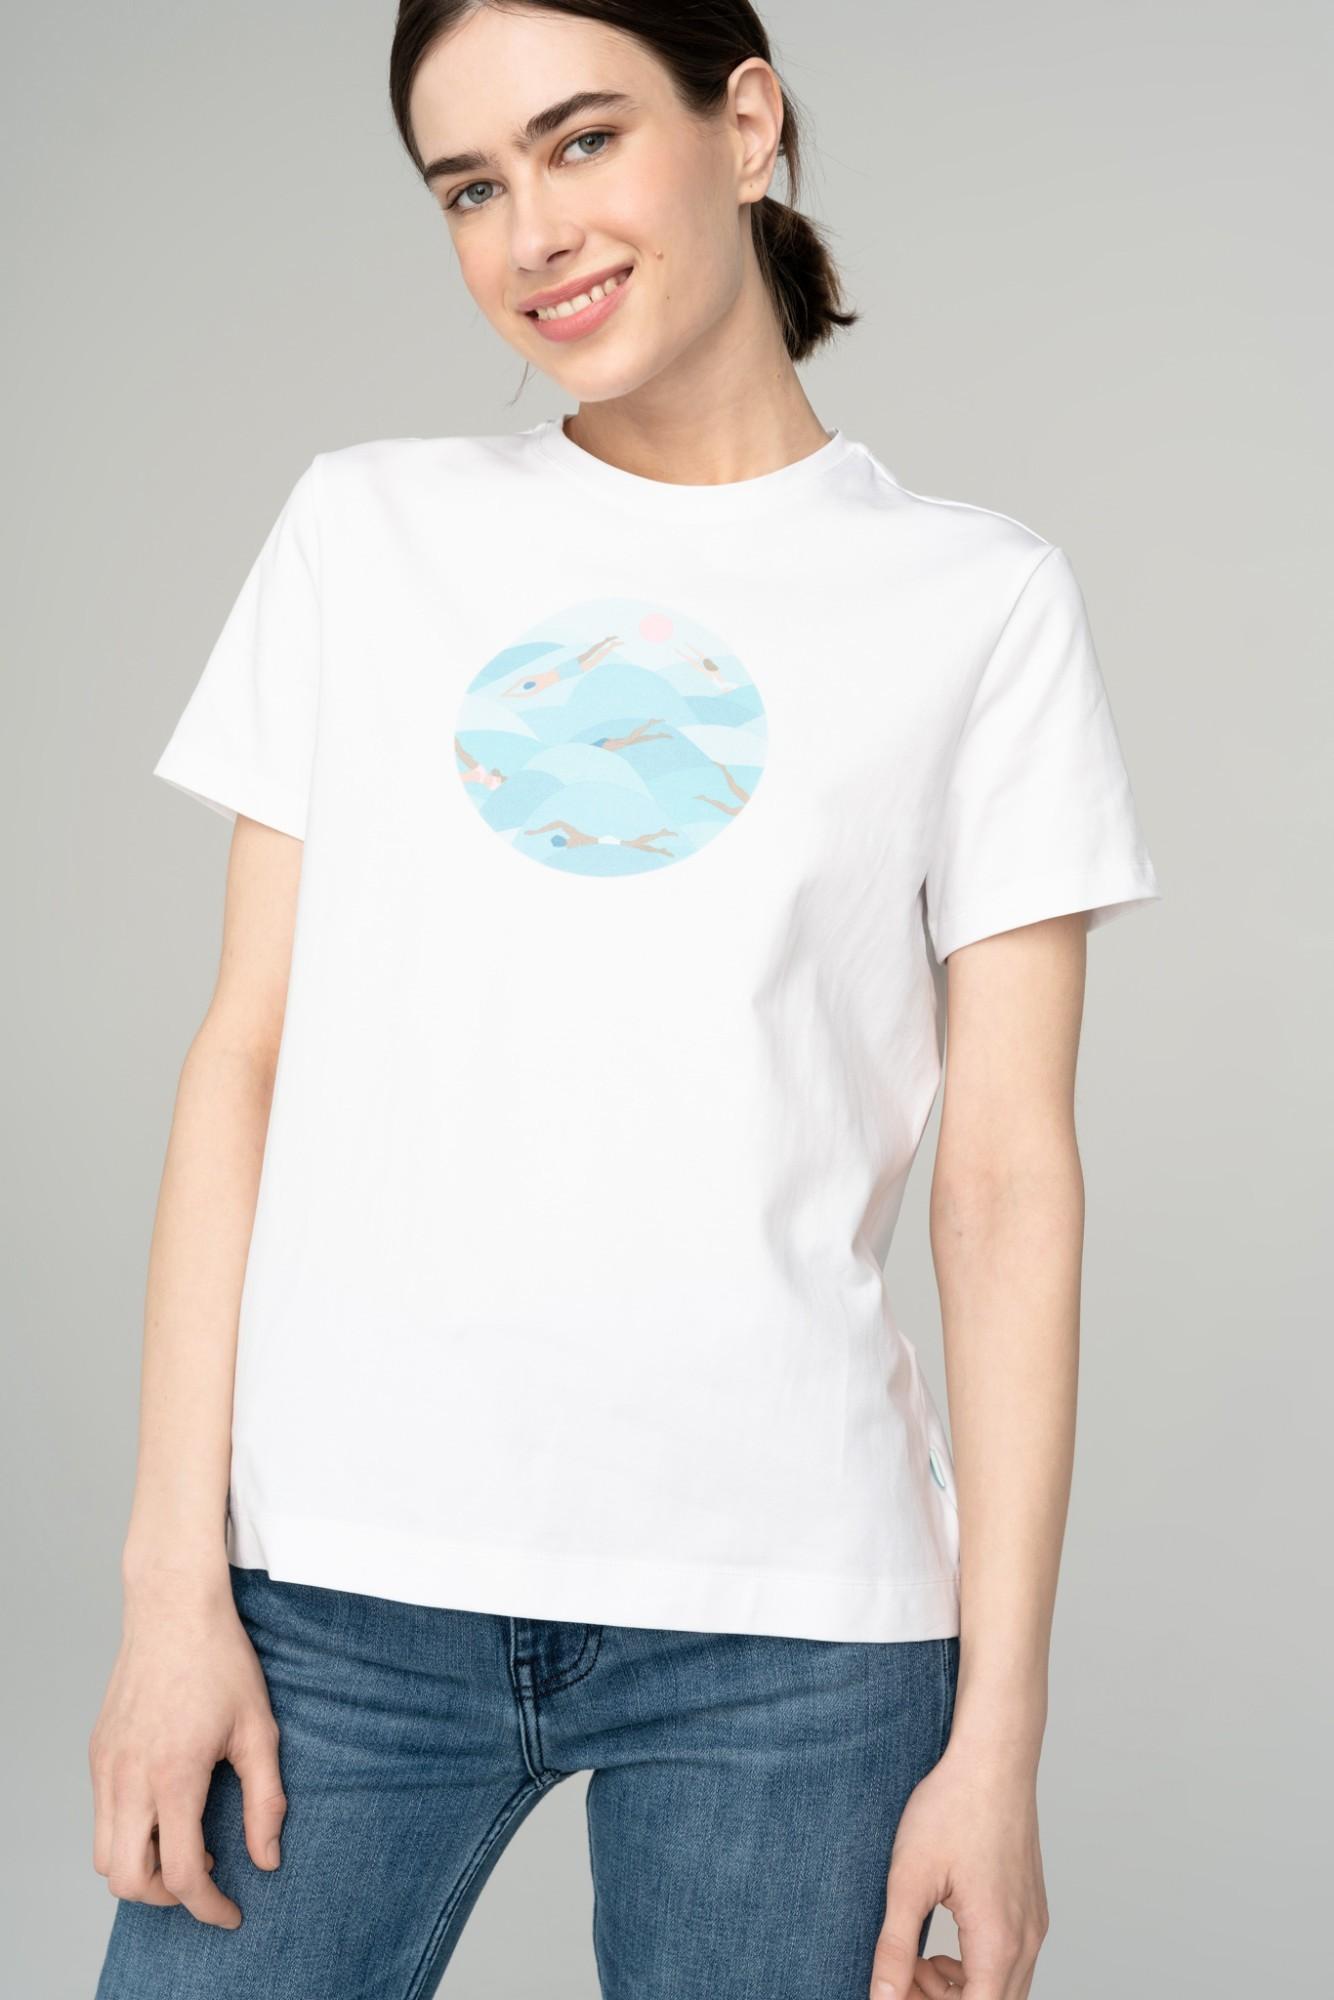 AUDIMAS Marginti medvilniniai marškinėl. 2111-252 White Printed 3 XS